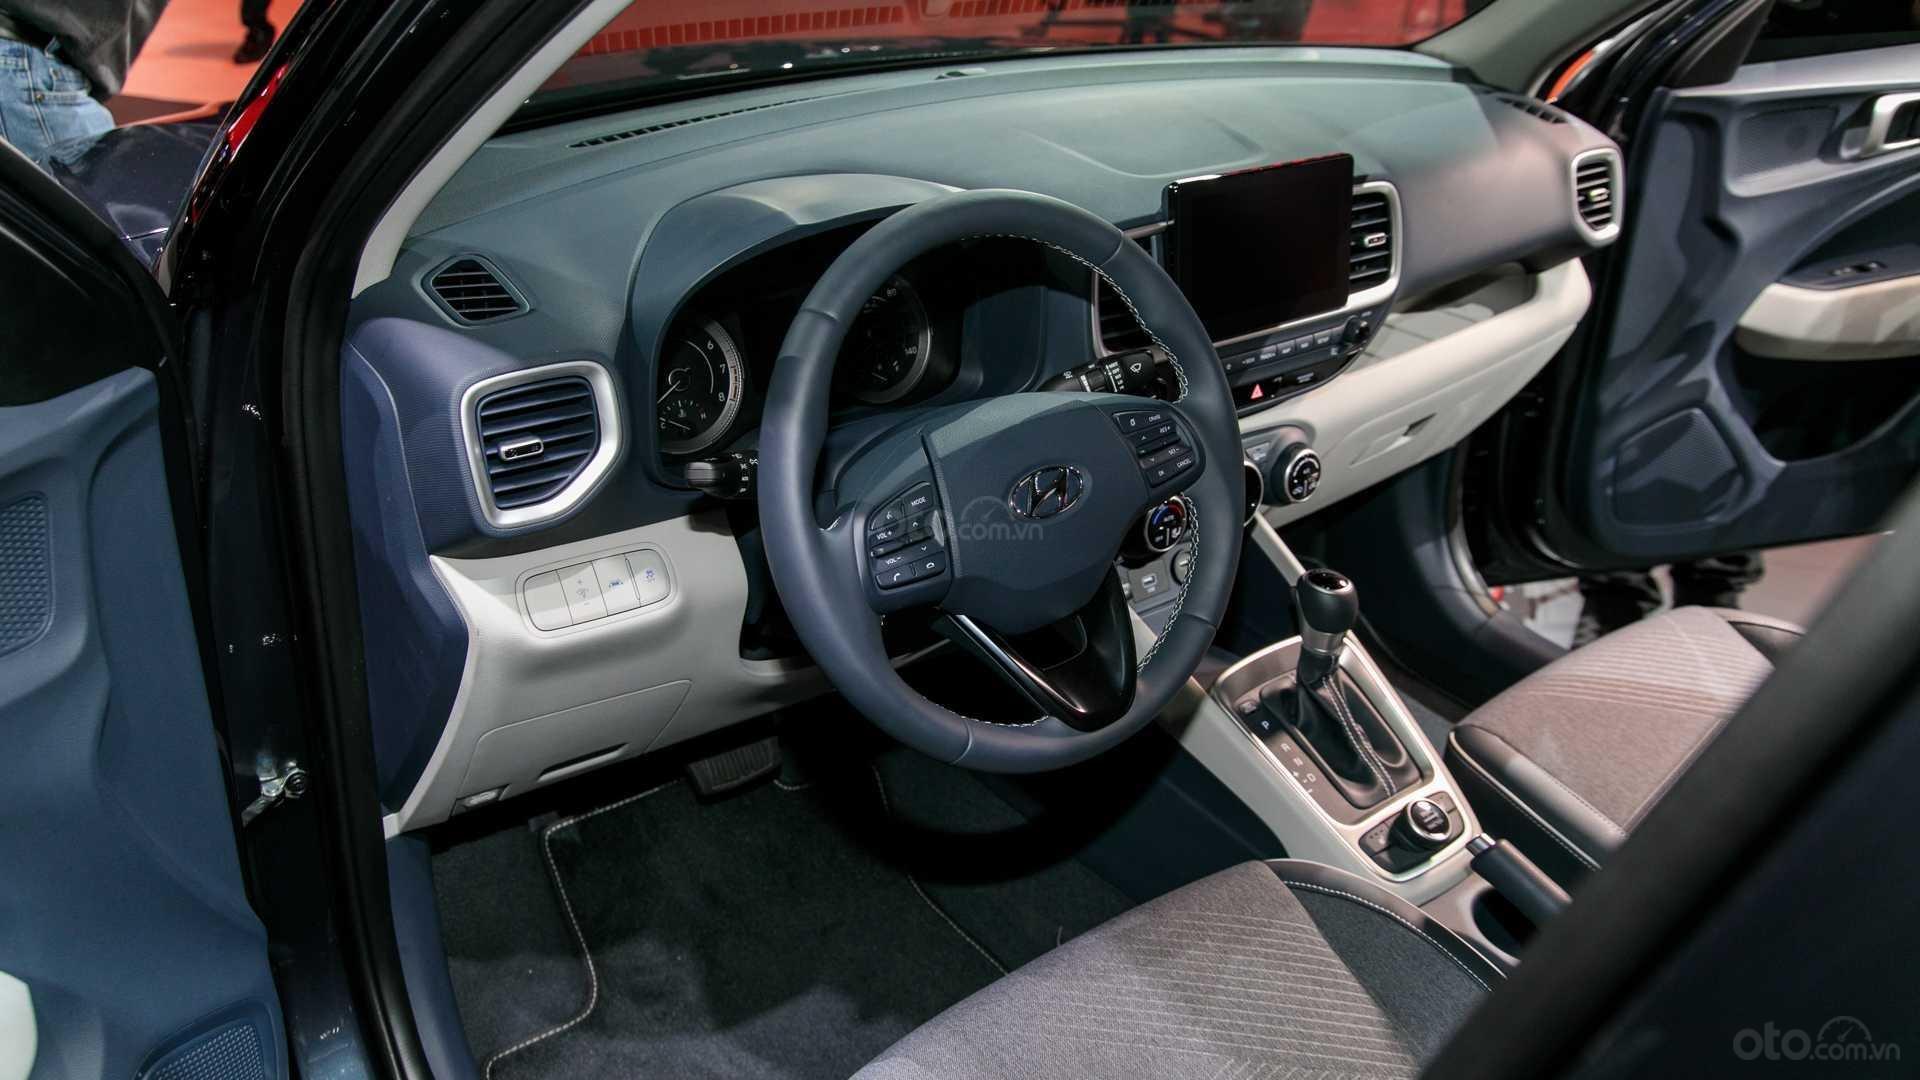 Đánh giá xe Hyundai Venue 2020 bảng táp lô